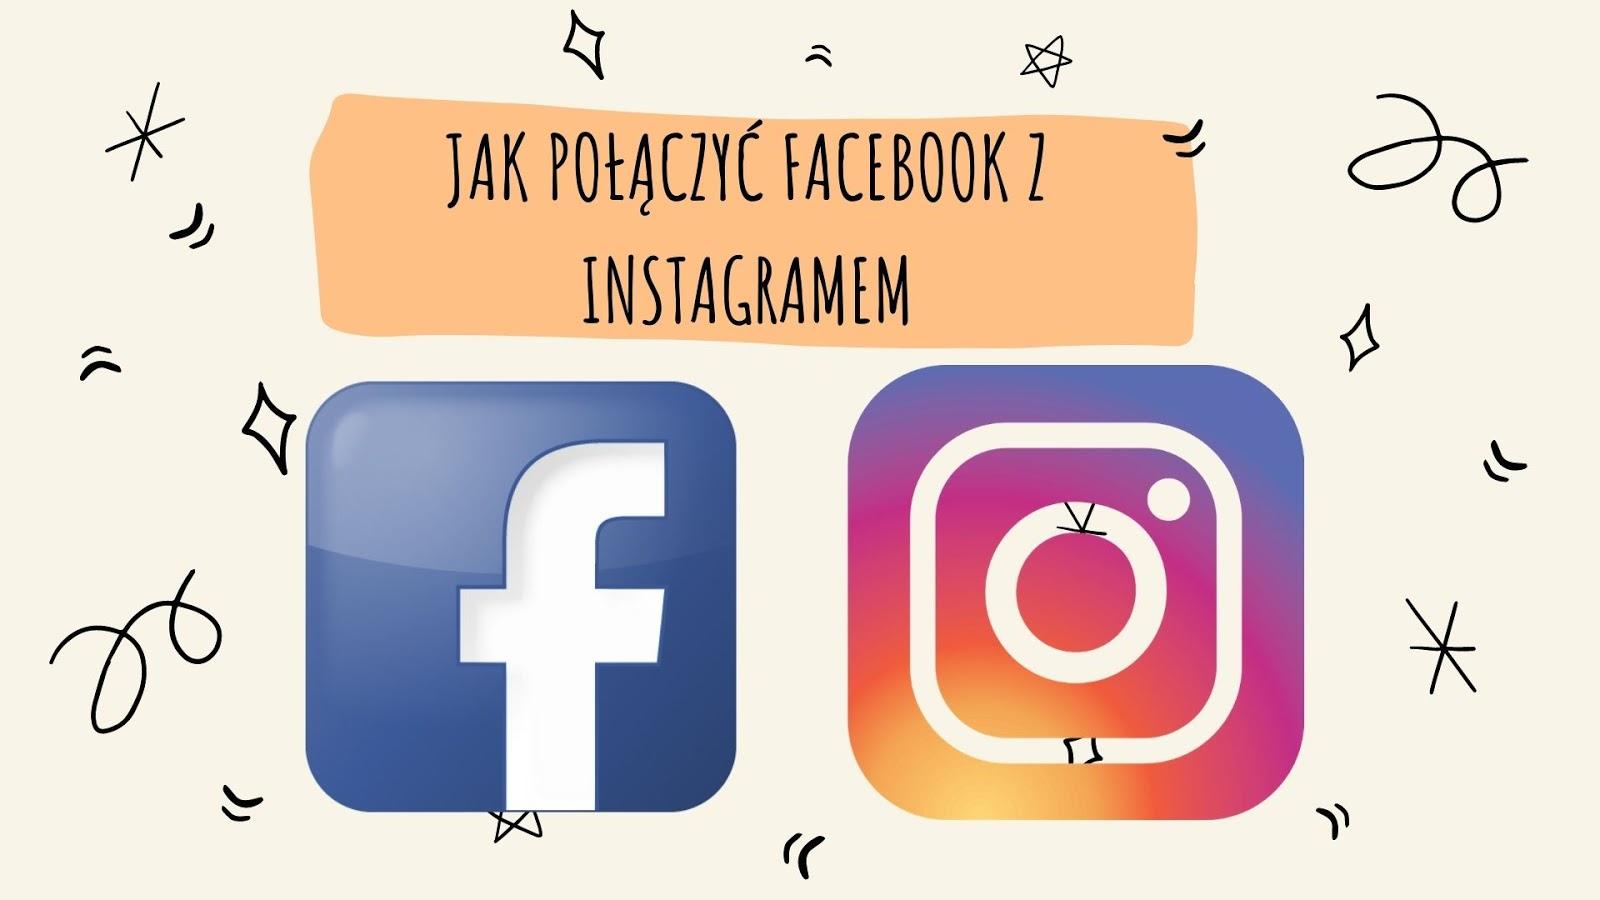 jak połączyć facebooka z instagramem